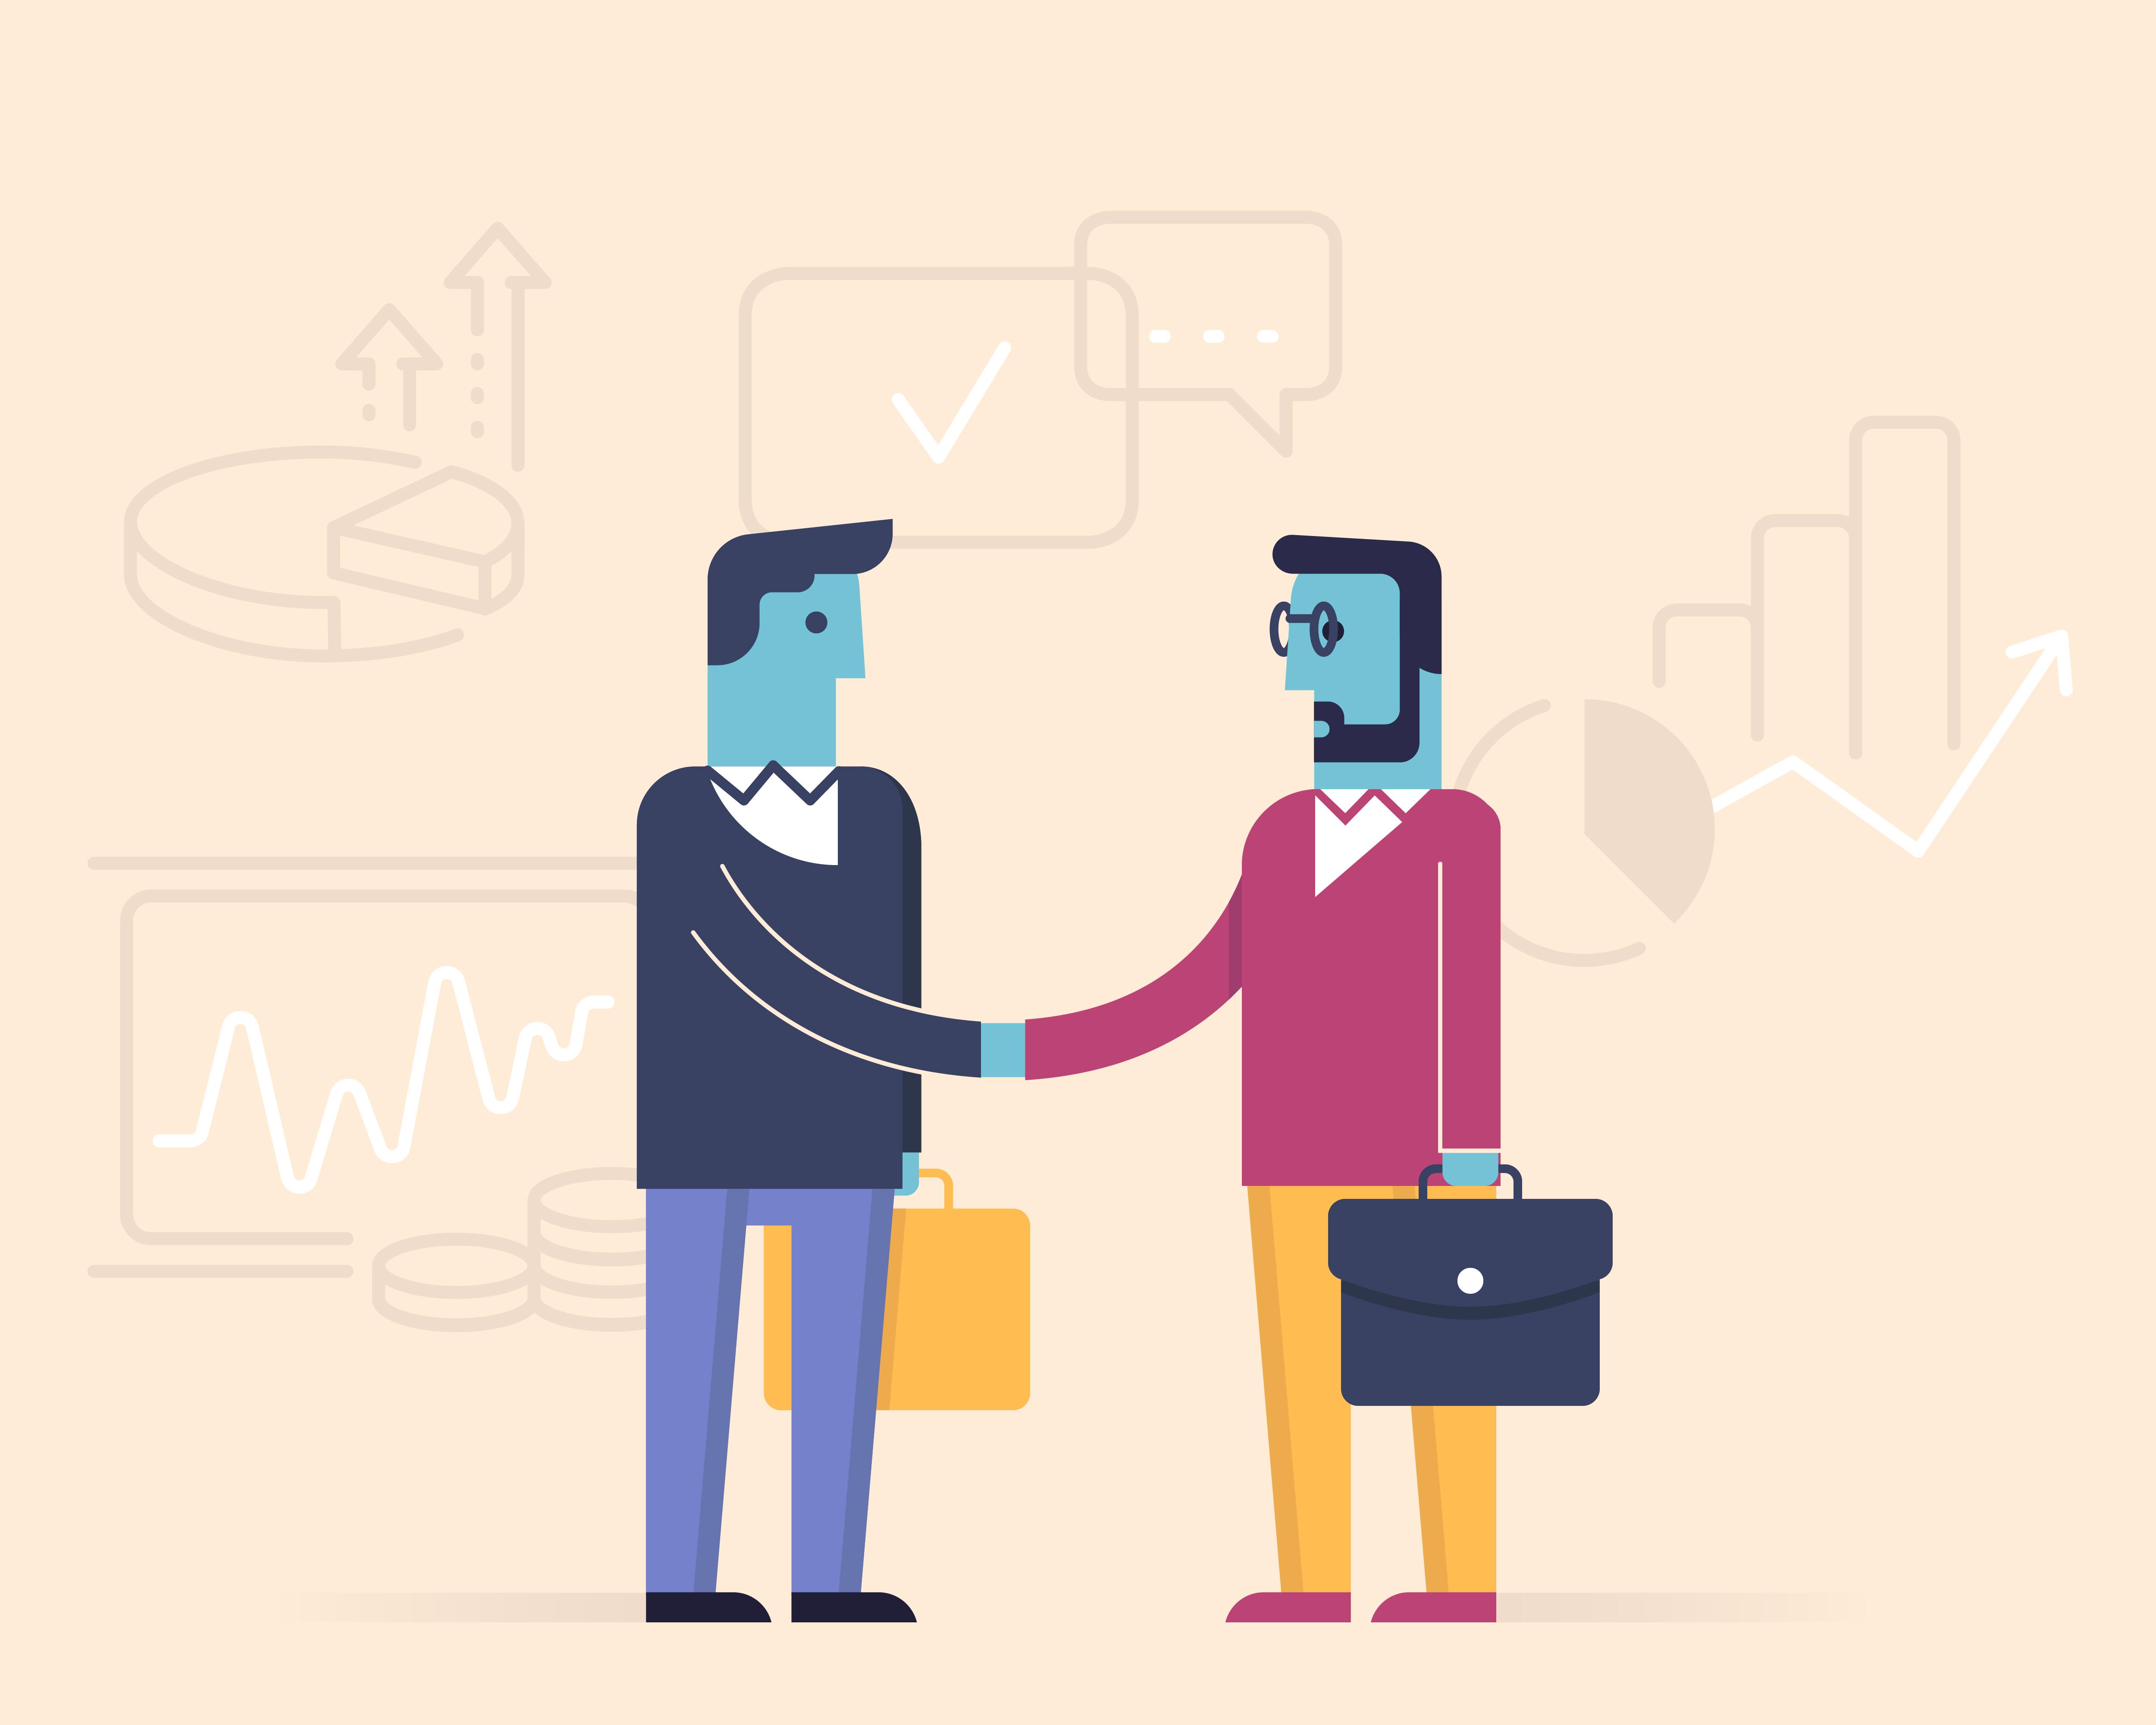 Artigo Assumindo o compromisso com os stakeholders